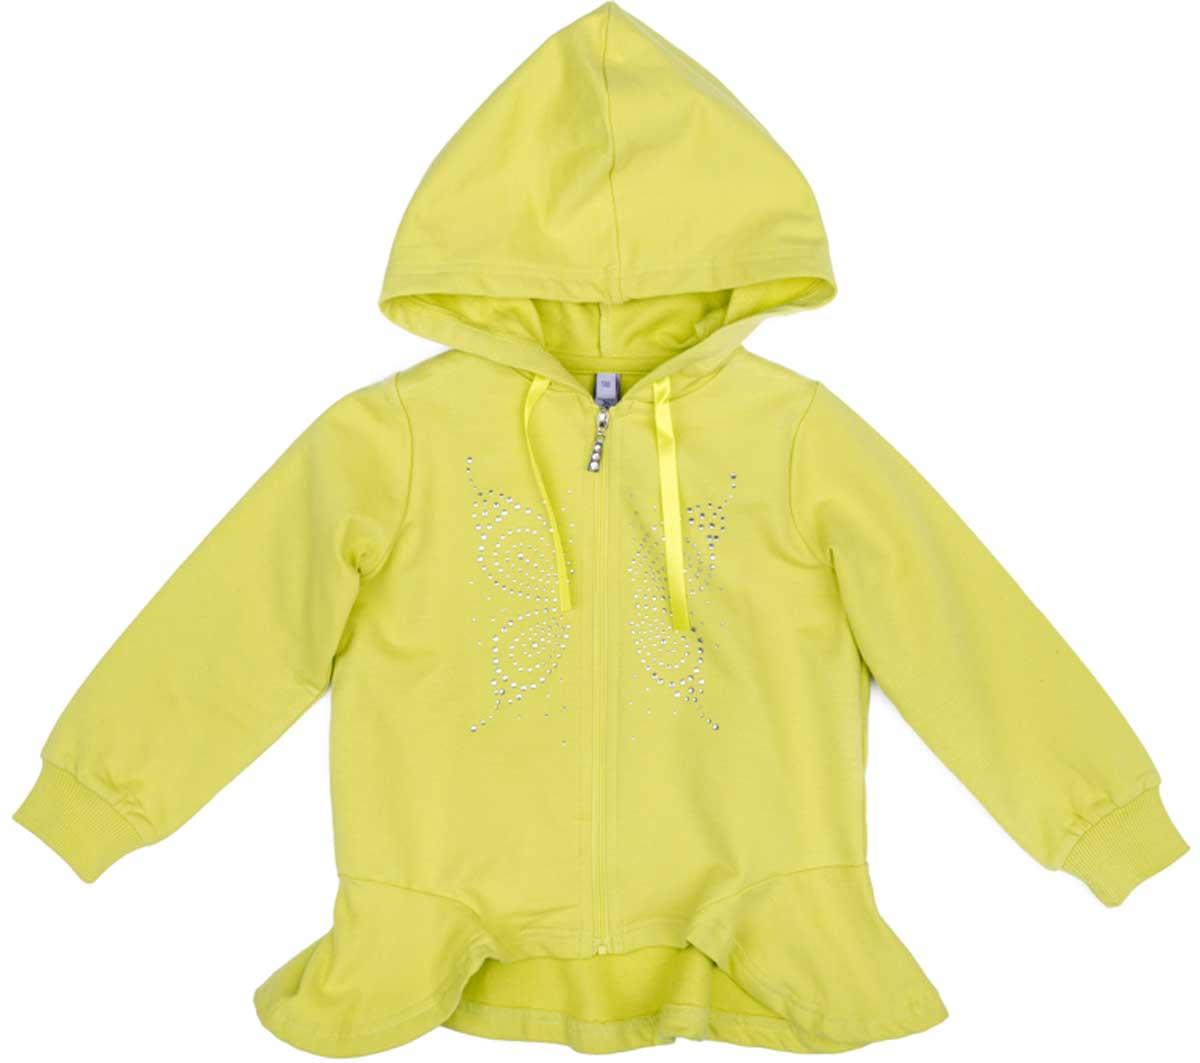 Толстовка для девочки PlayToday, цвет: светло-желтый. 172113. Размер 98172113Толстовка PlayToday из натурального материала на застежке - молнии прекрасно подойдет для прохладной погоды. Манжеты отделаны мягкими резинками. Необычный крой изделия понравится вашему ребенку. Модель с капюшоном, который регулируется шнуром - кулиской.